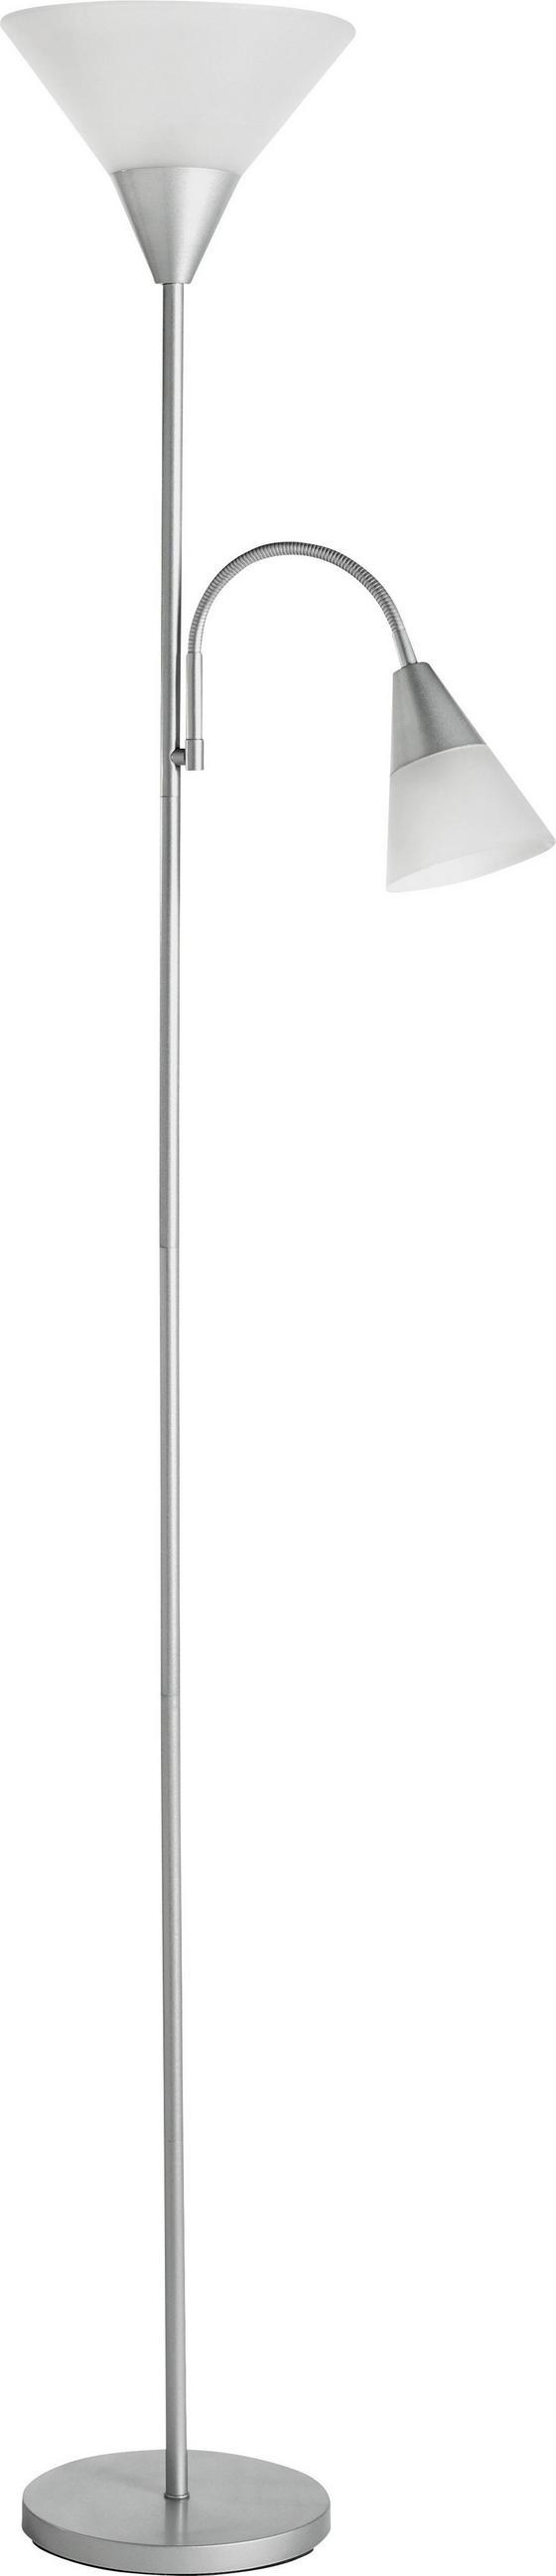 Stehleuchte Filipa - Silberfarben, KONVENTIONELL, Kunststoff/Metall (182cm) - Homezone